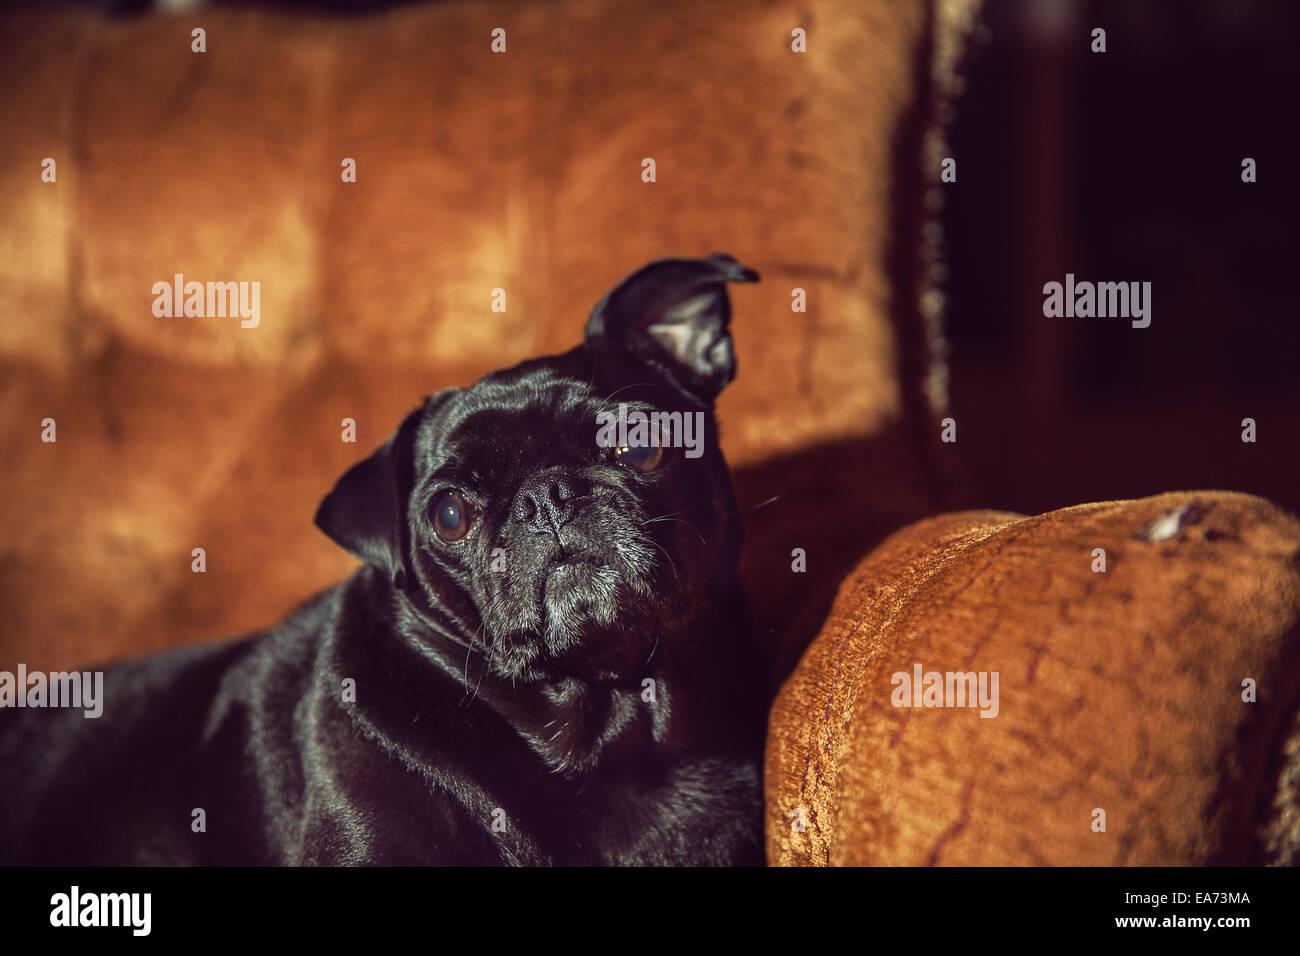 Pug on Chair - Stock Image